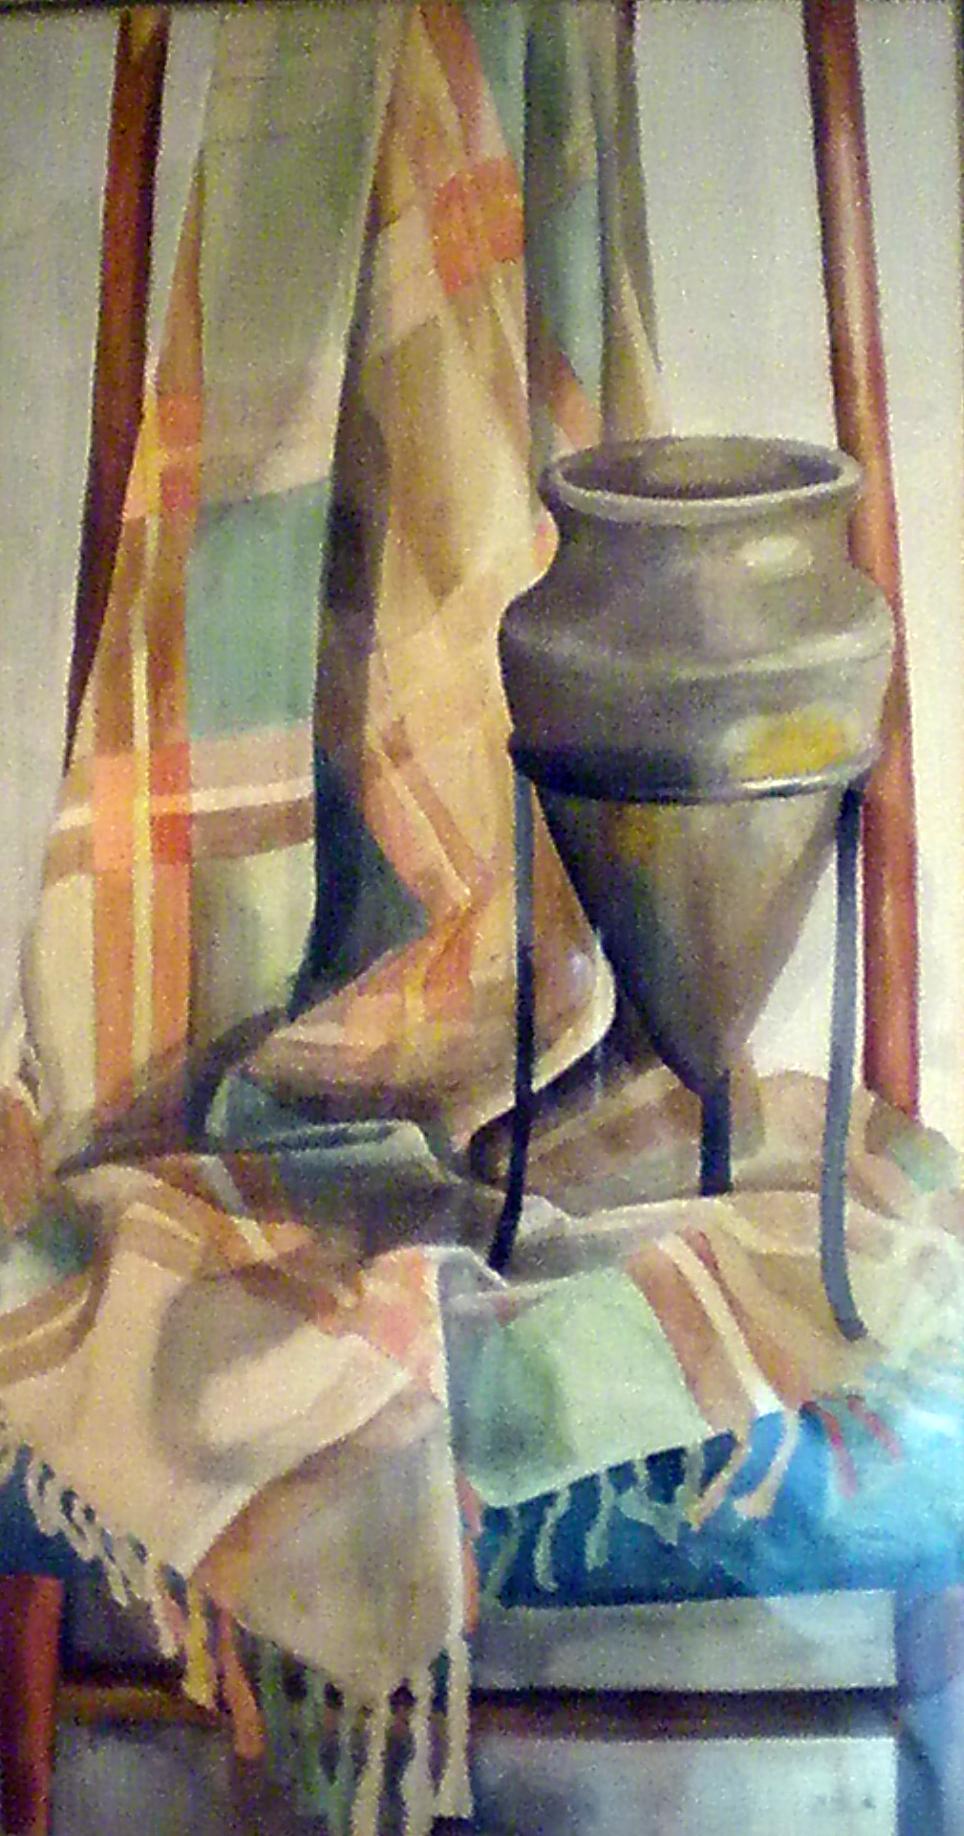 דומם - תמונת אקורל מאת אסתי הס